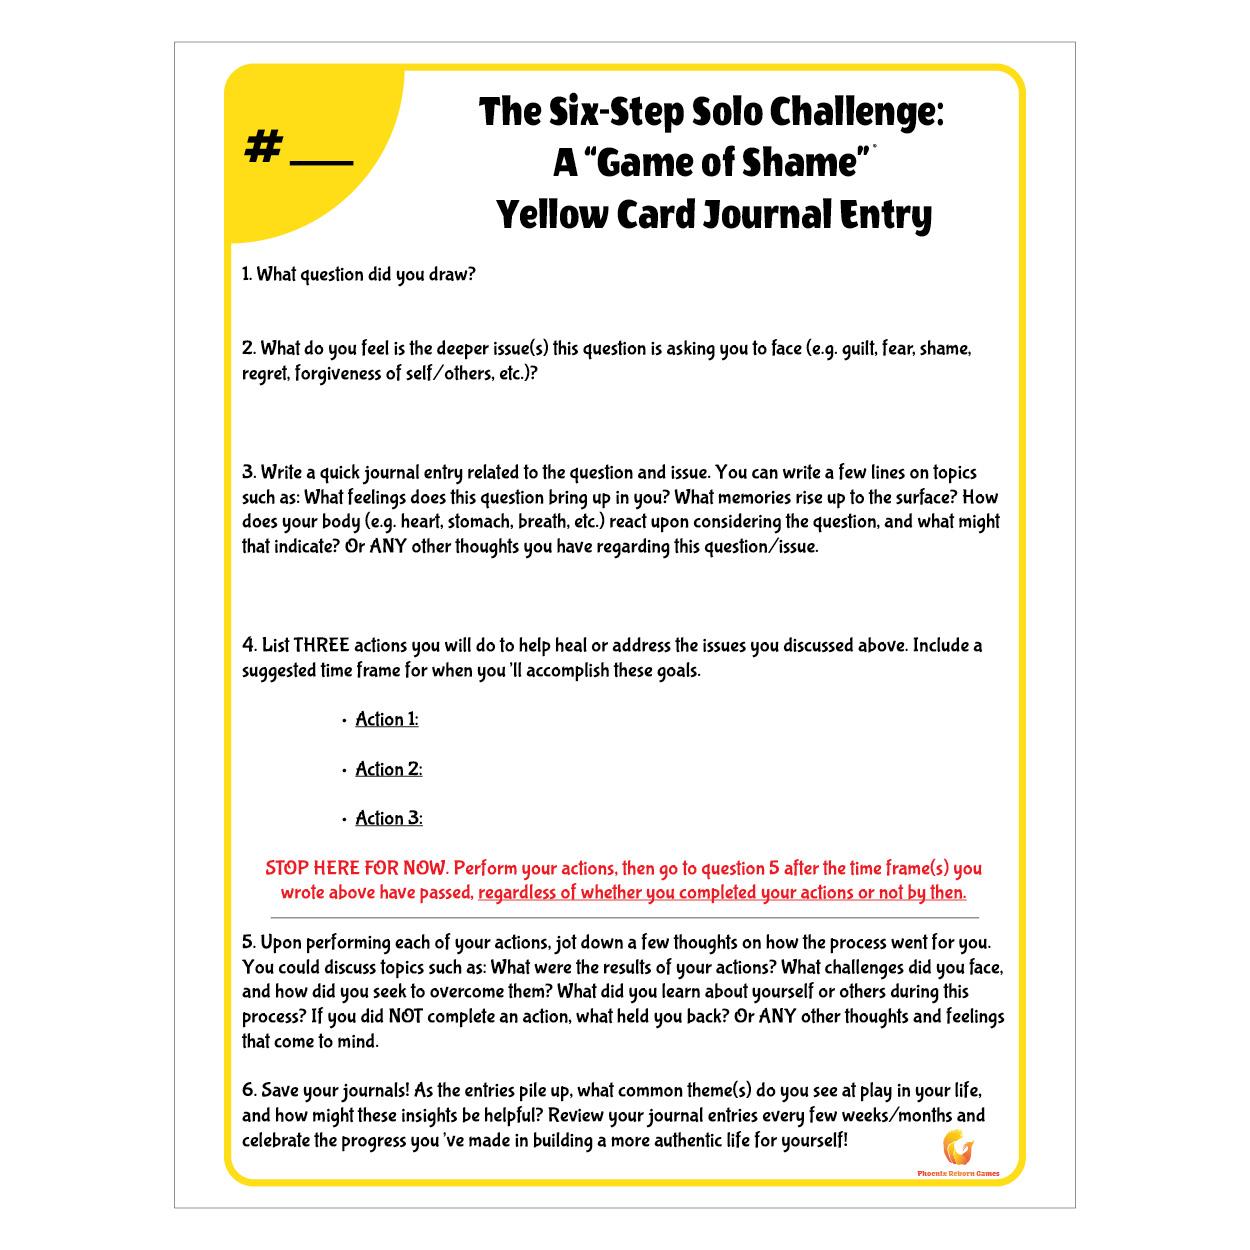 Worksheet Design - Solo Challenge